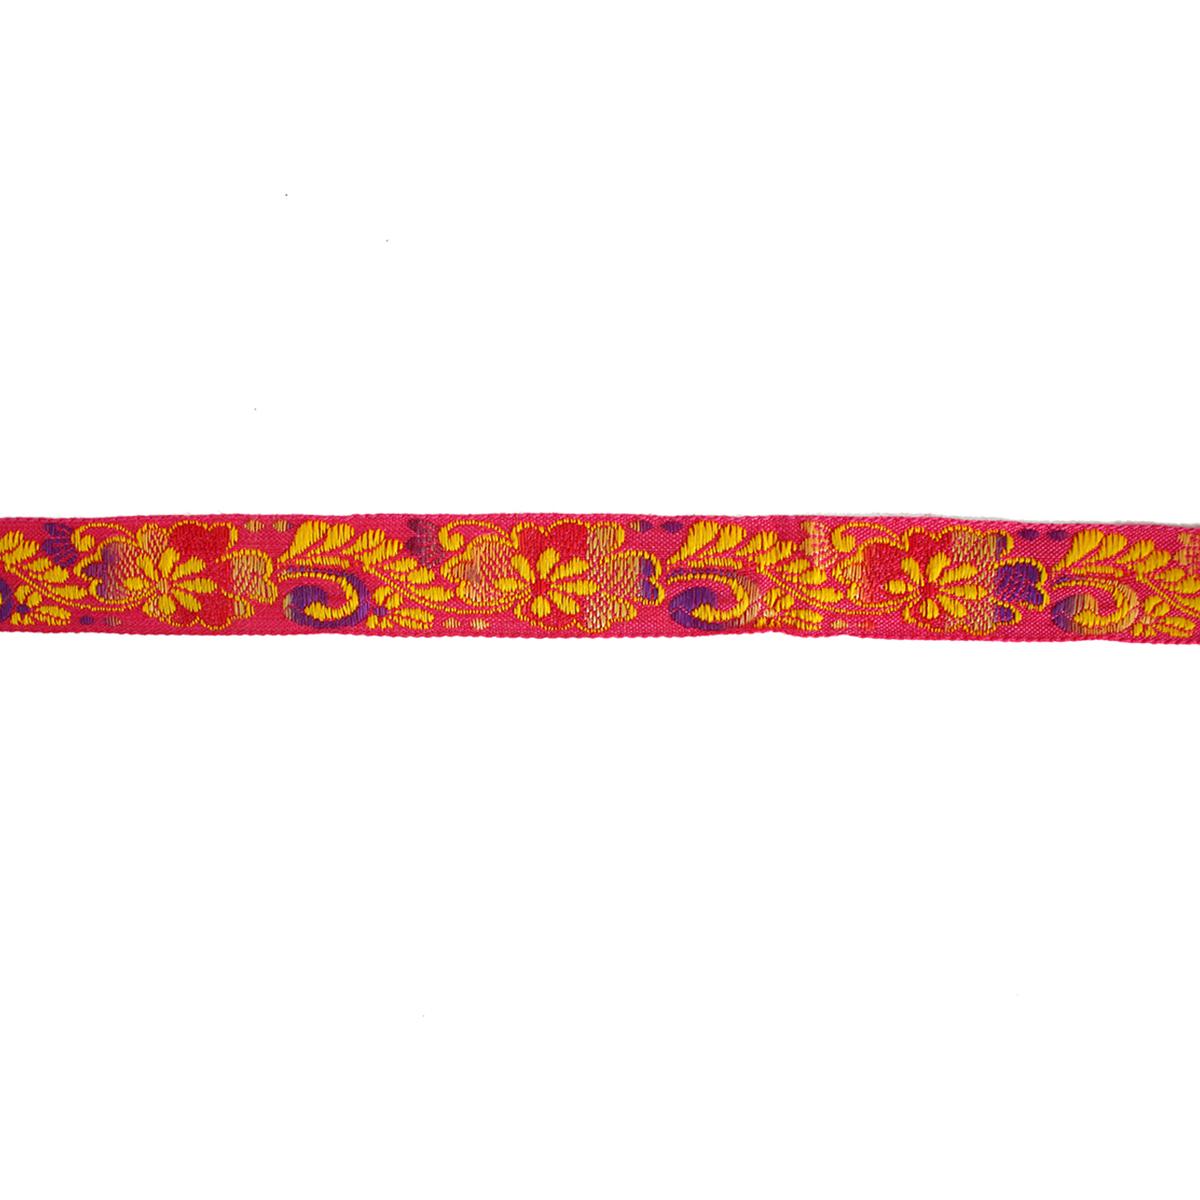 1354 Тесьма жаккард 'Цветочный узор' 2см*10м (9,14м) ДУ